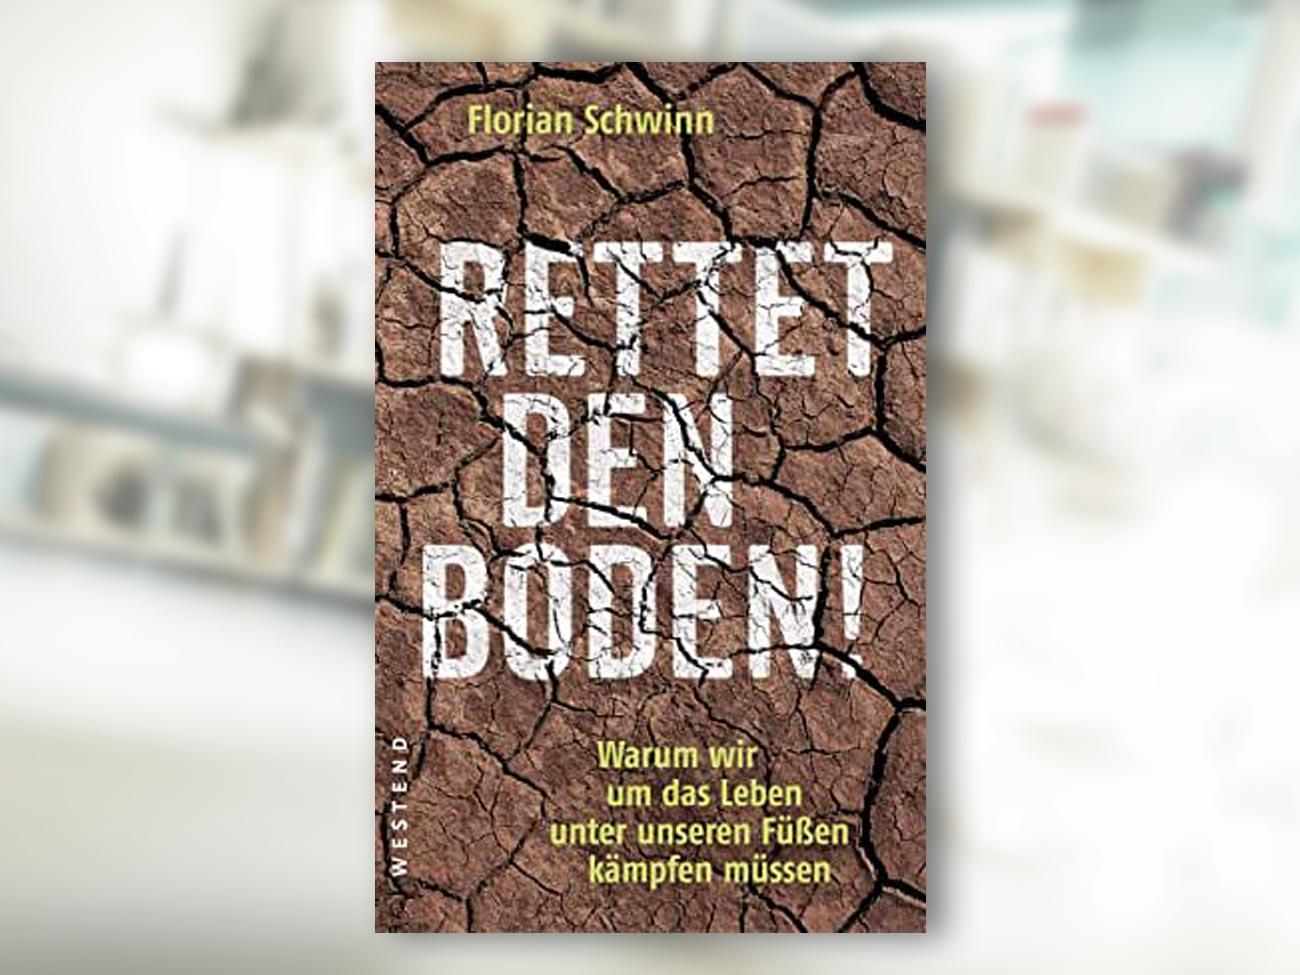 Florian Schwinn, Rettet den Boden!